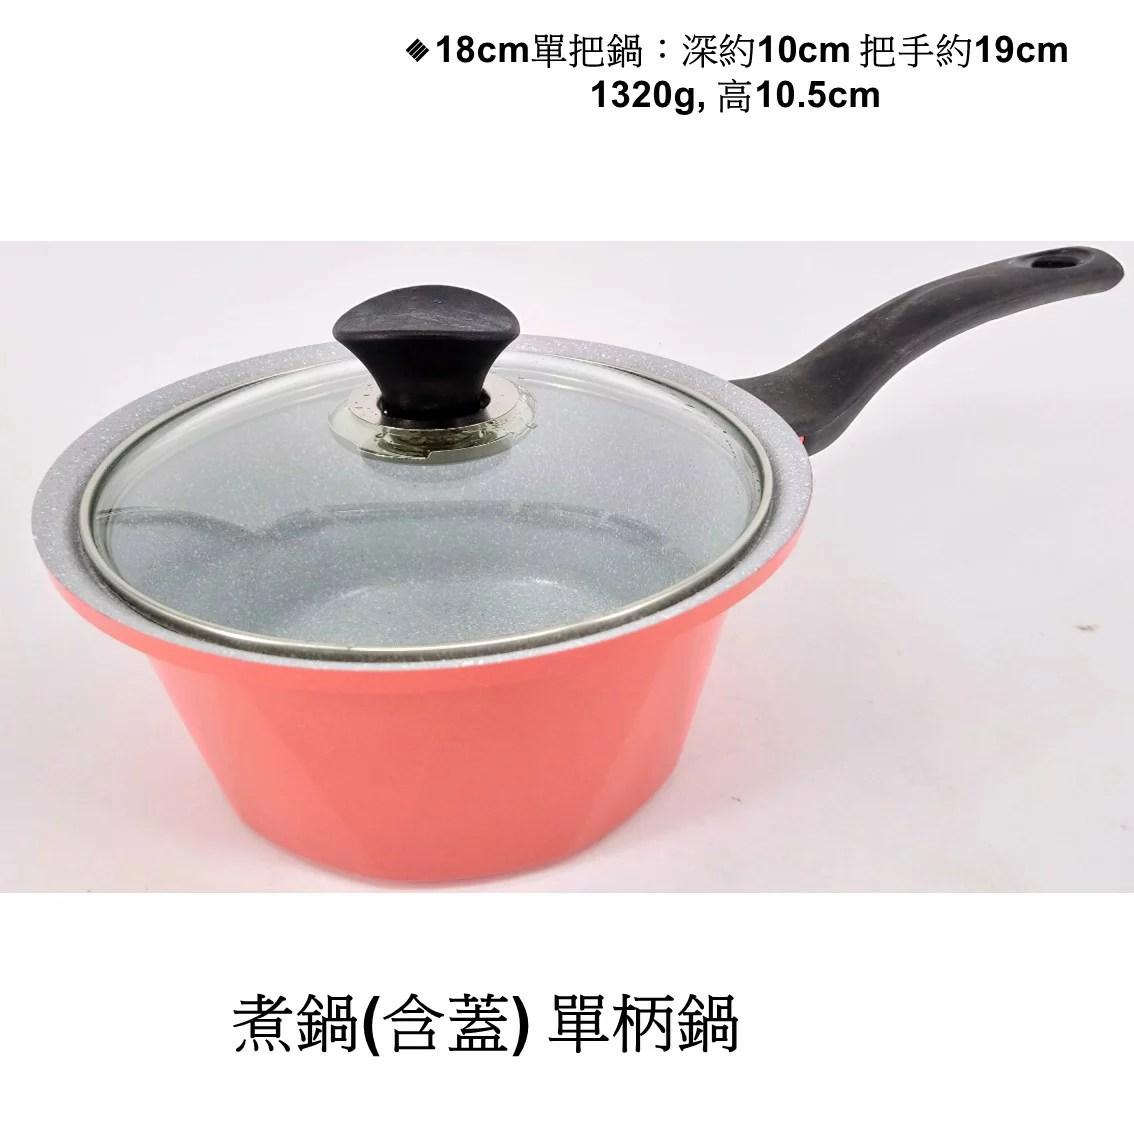 韓國Ecoramic鈦晶石頭抗菌不沾鍋-單柄煮鍋(含蓋)18cm單柄鍋 | 樂活生活館 - Rakuten樂天市場